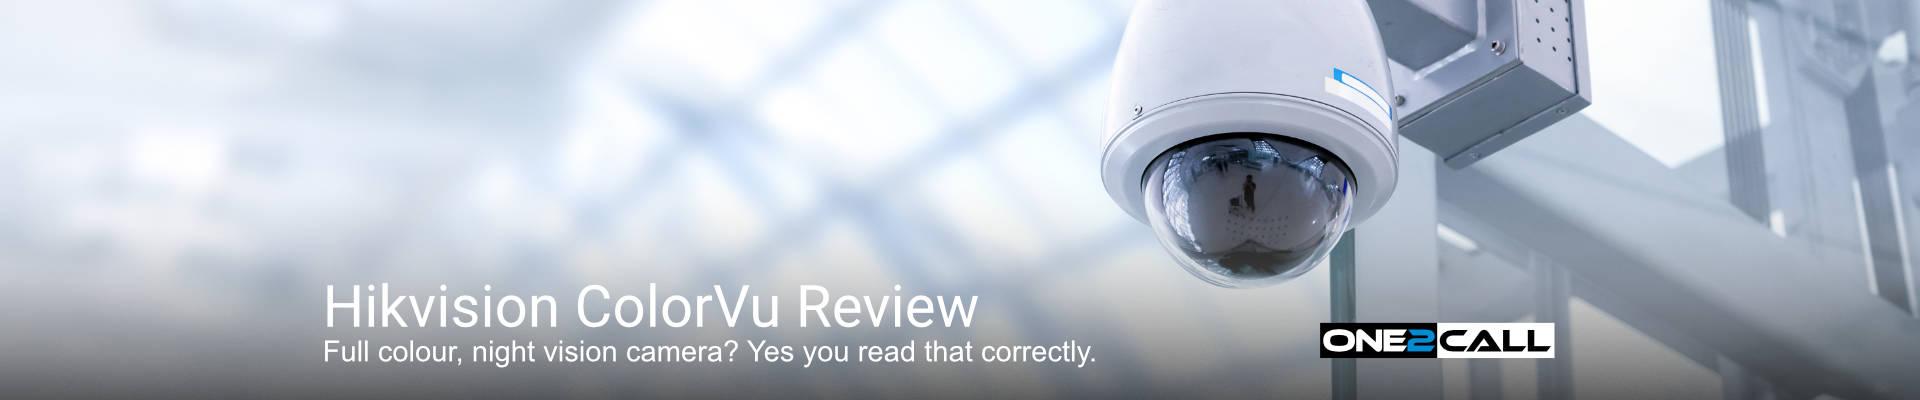 Hikvision ColorVu Review